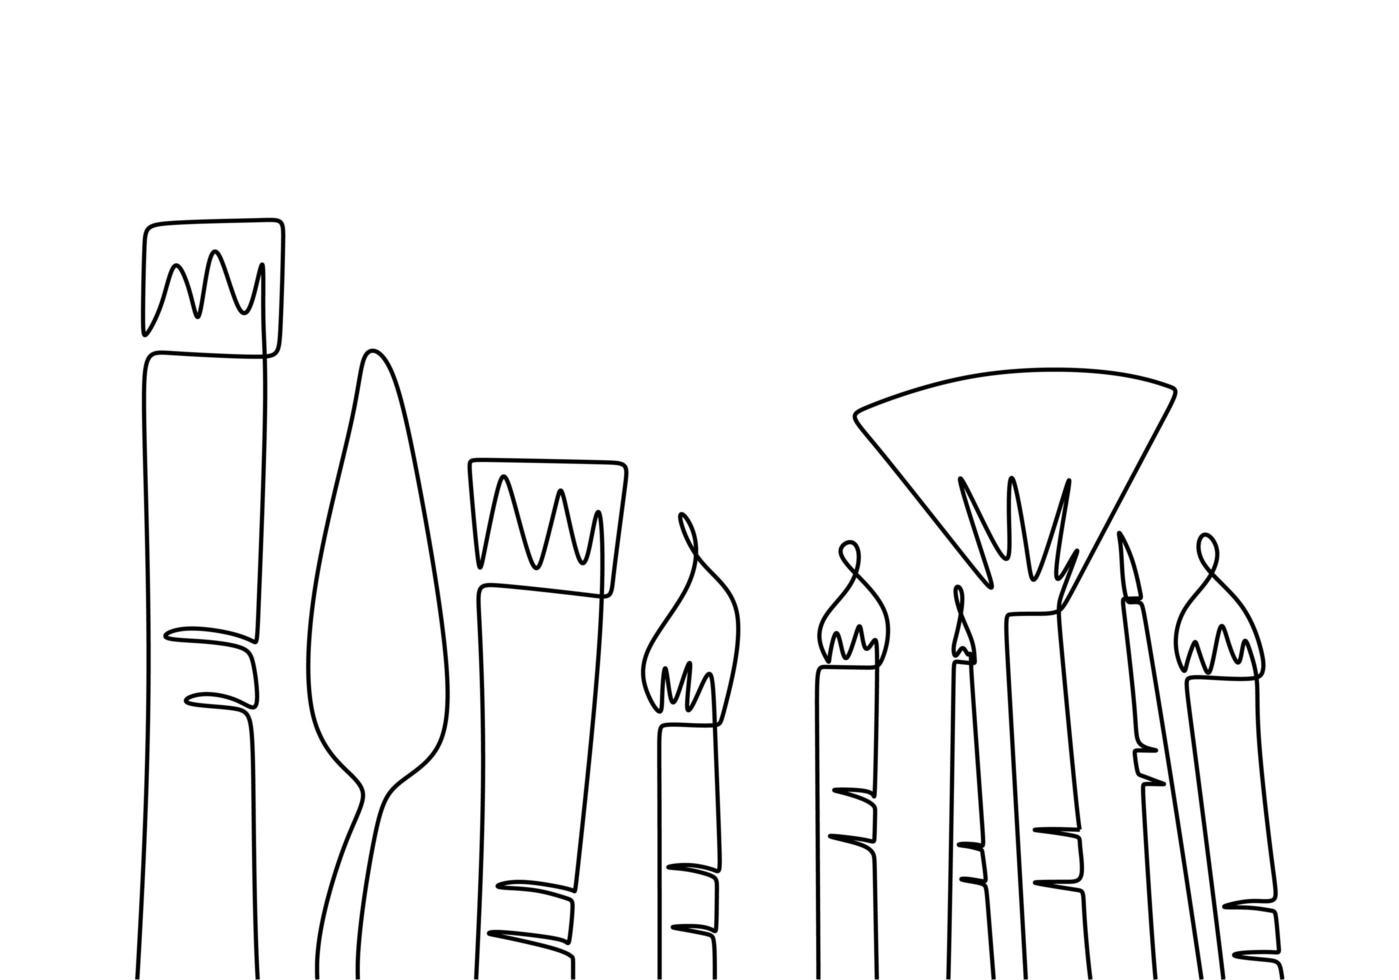 equipamento de arte de pincel um desenho de linha contínua. vetor